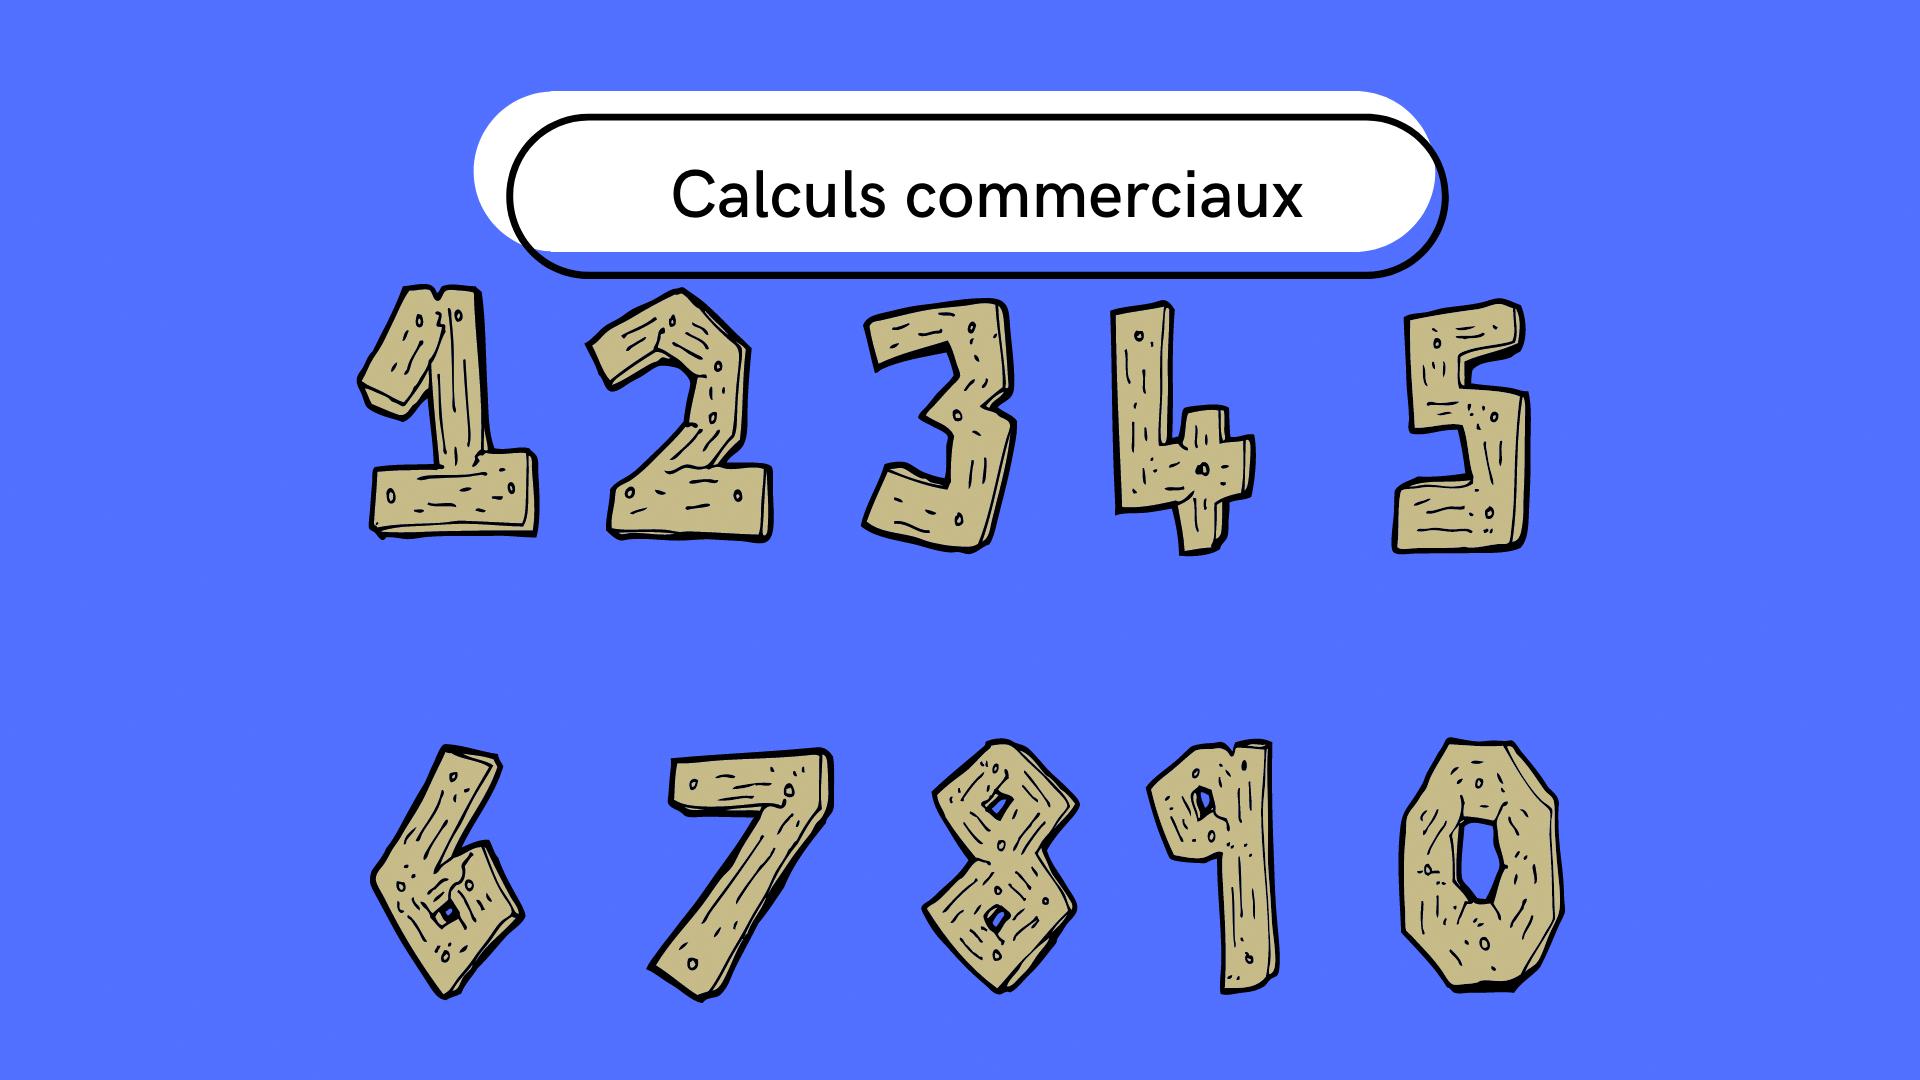 Calculs commerciaux